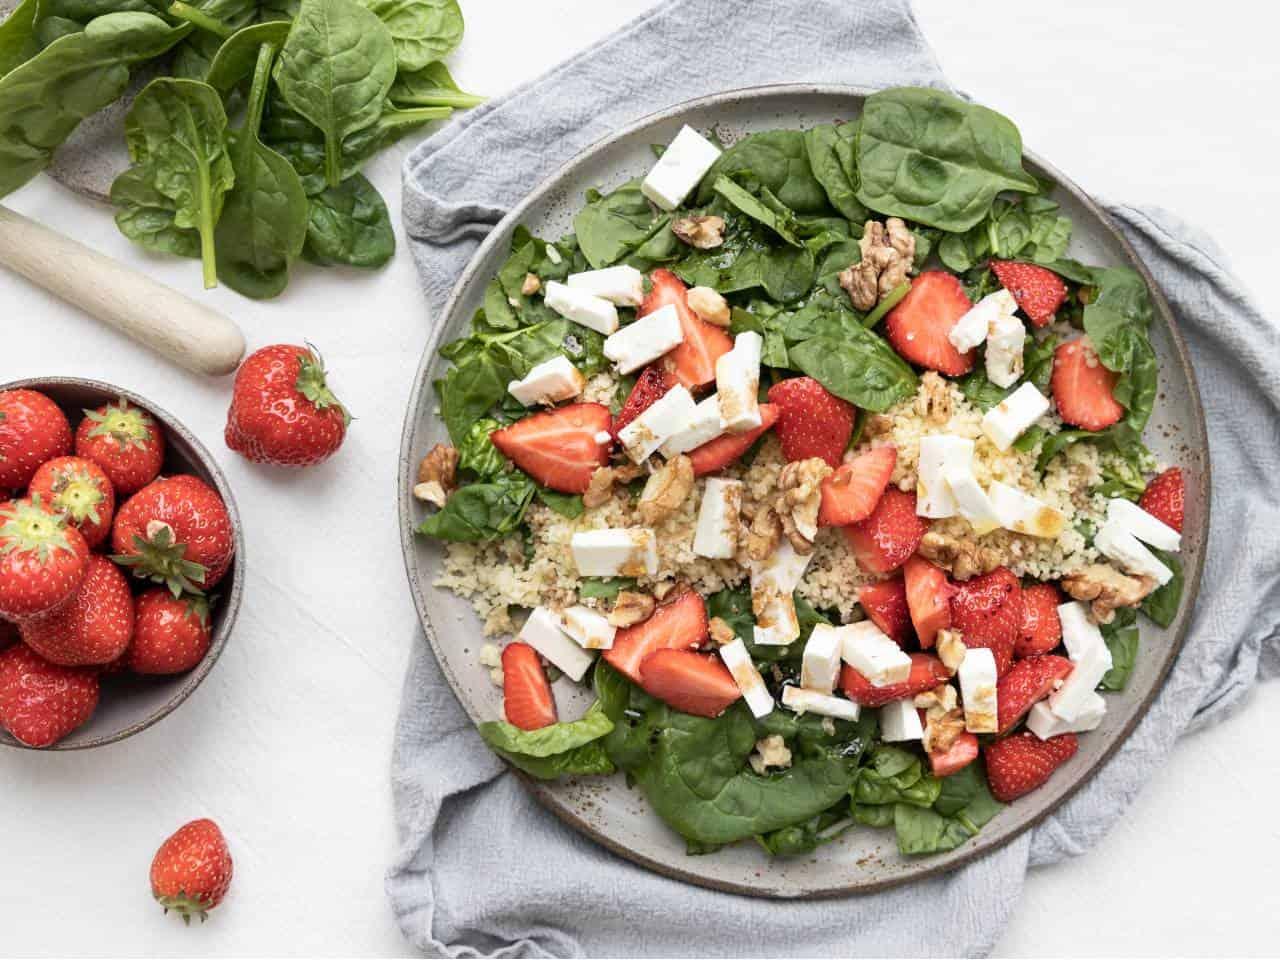 Salade met aardbeien, spinazie en feta